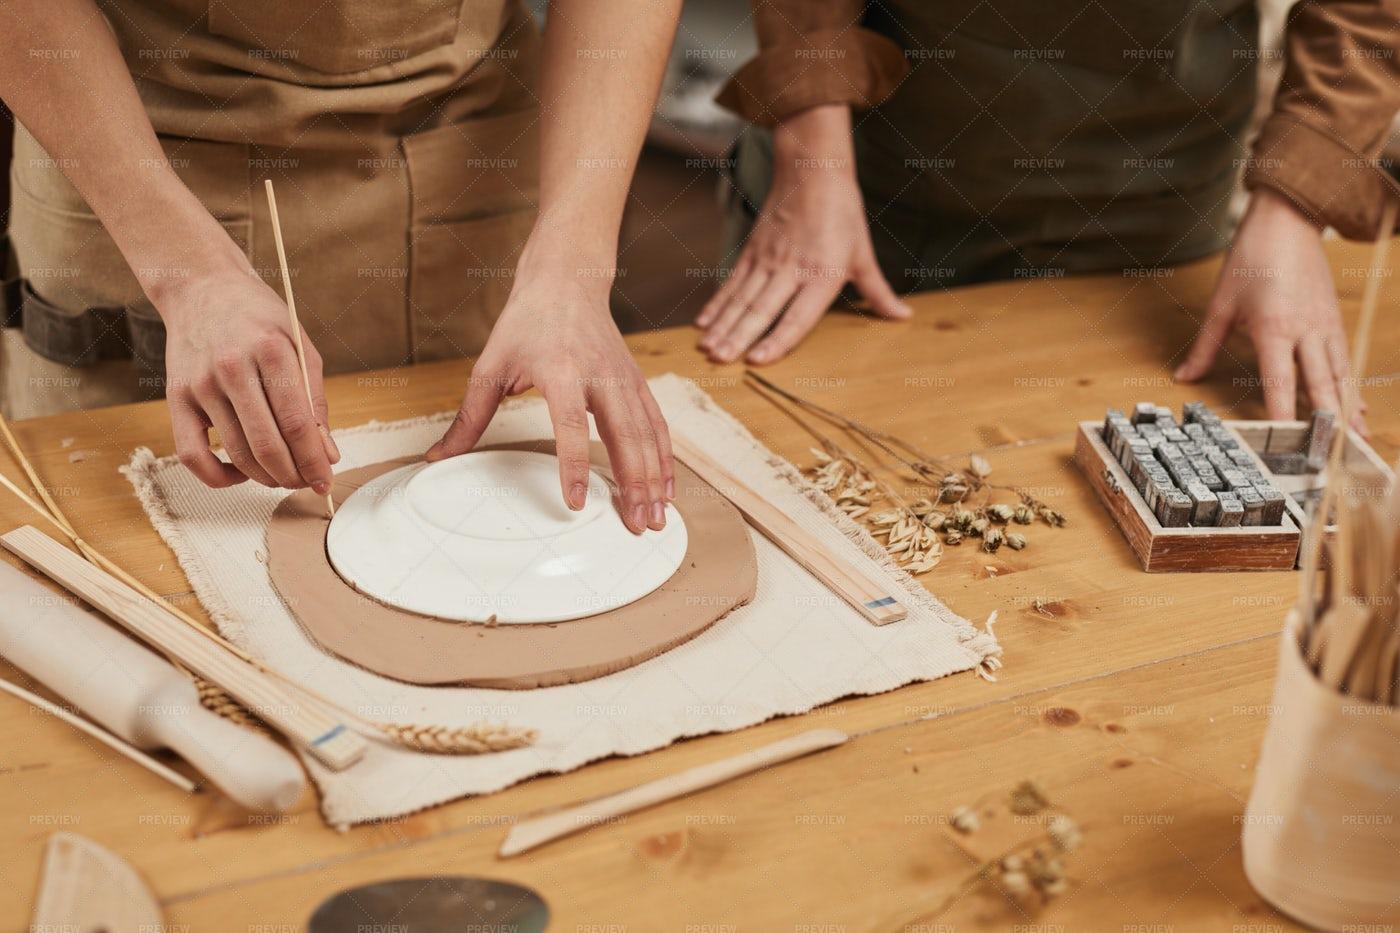 Potter Making Ceramics Close Up: Stock Photos